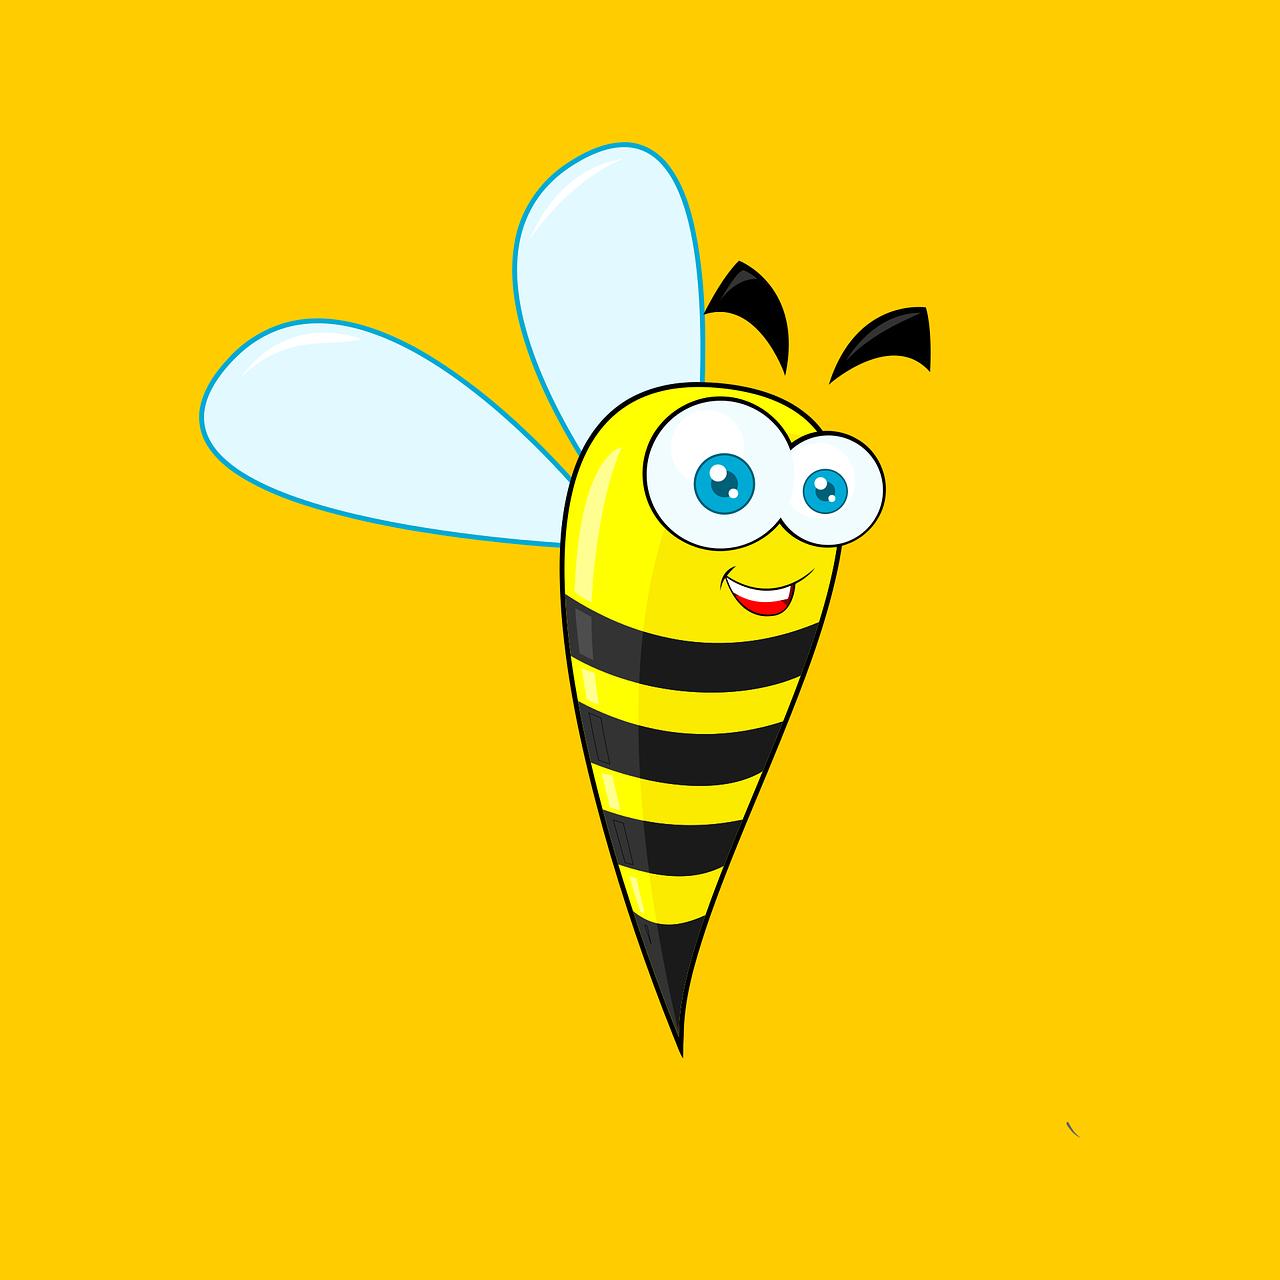 Пчела картинки смешные, днем николая